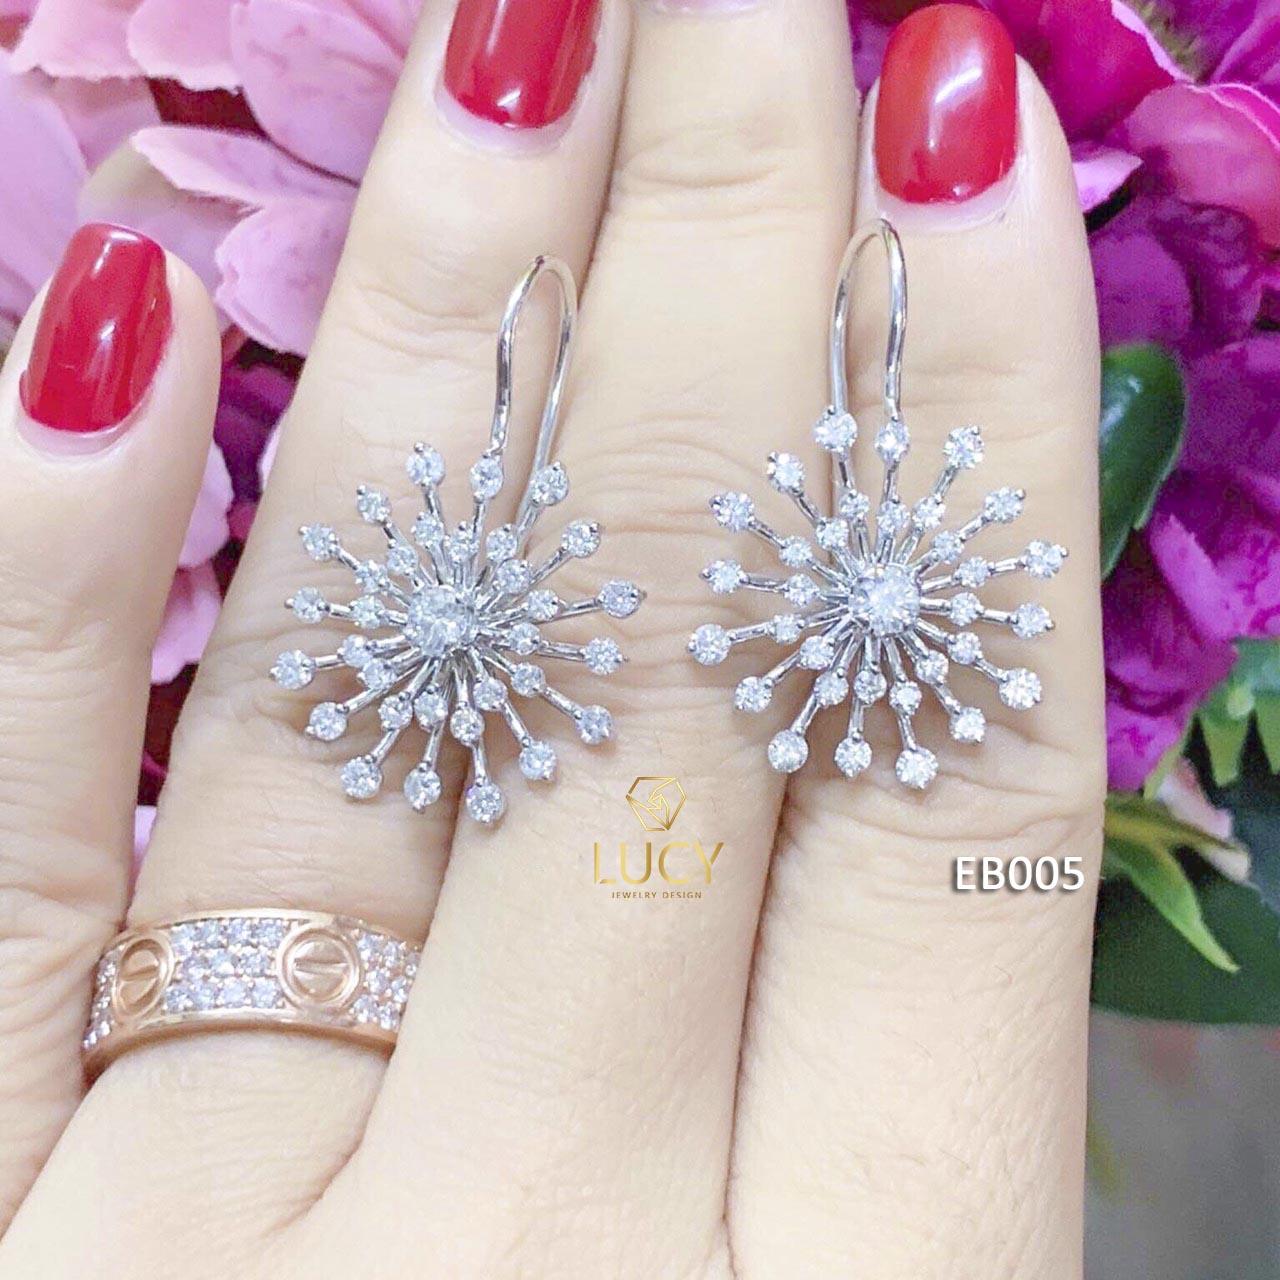 EB005 Khuyên tai vàng thiết kế Lucy Jewelry